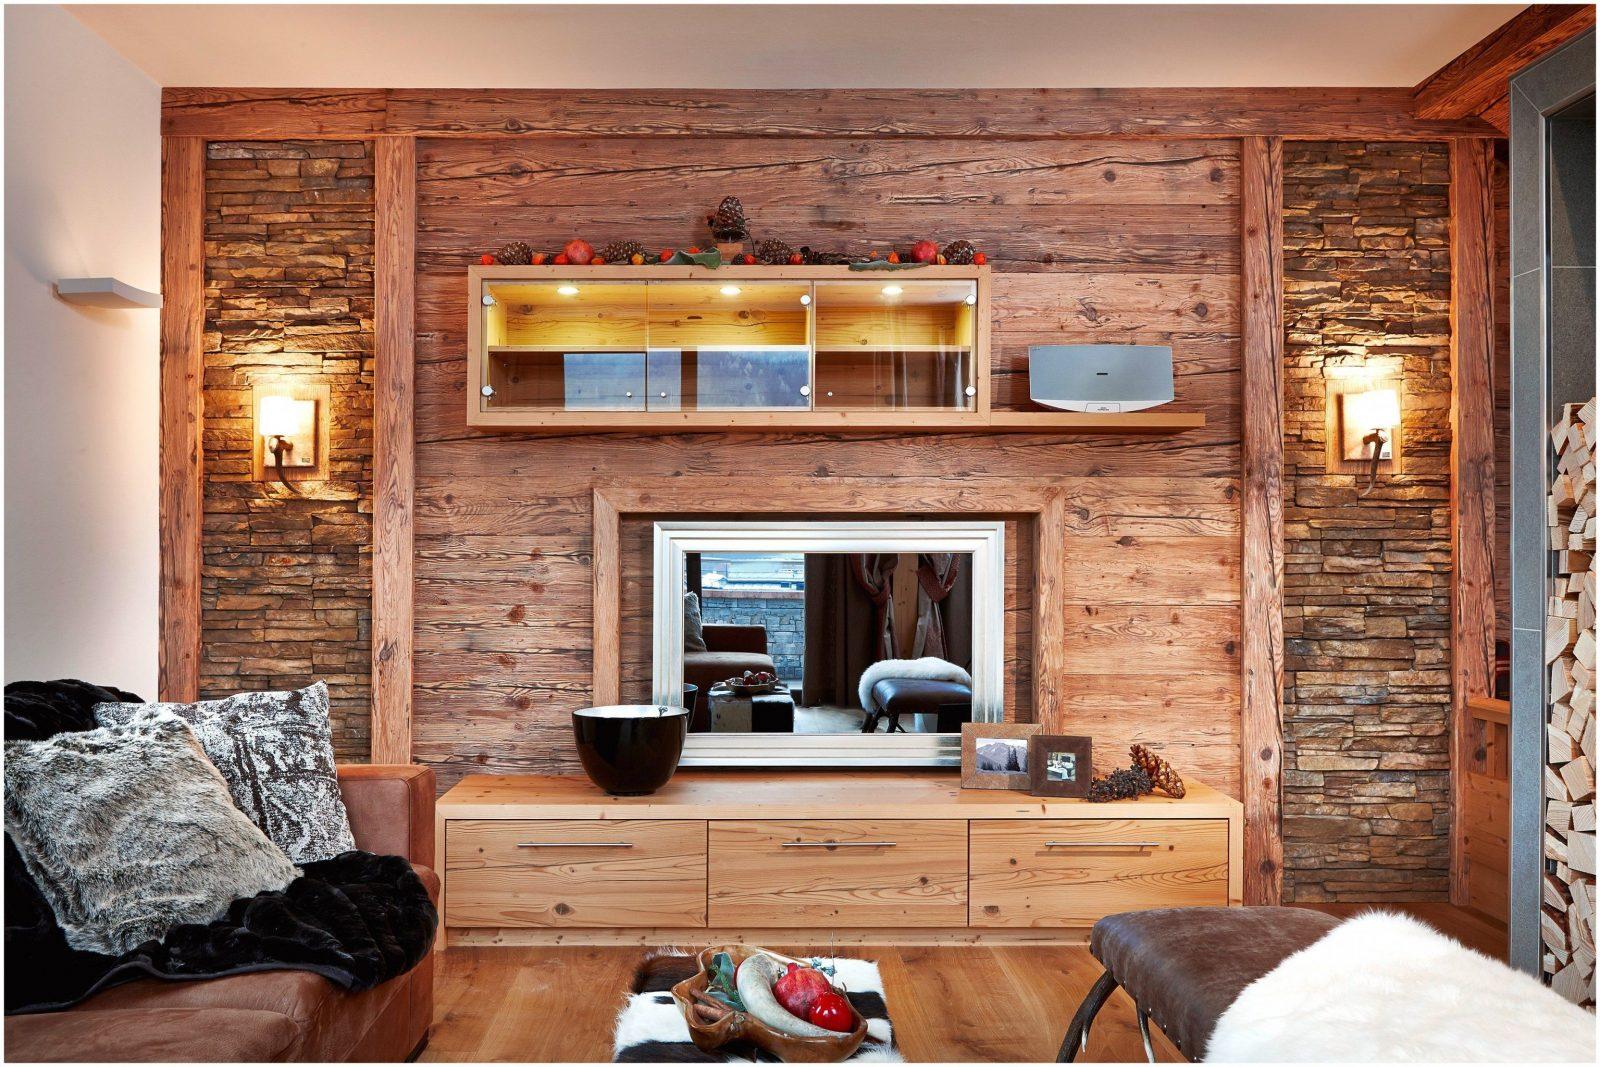 Luxus Holzwand Wohnzimmer Fotos Von Wohnzimmer Stil 93648 von Holzwand Wohnzimmer Selber Bauen Photo